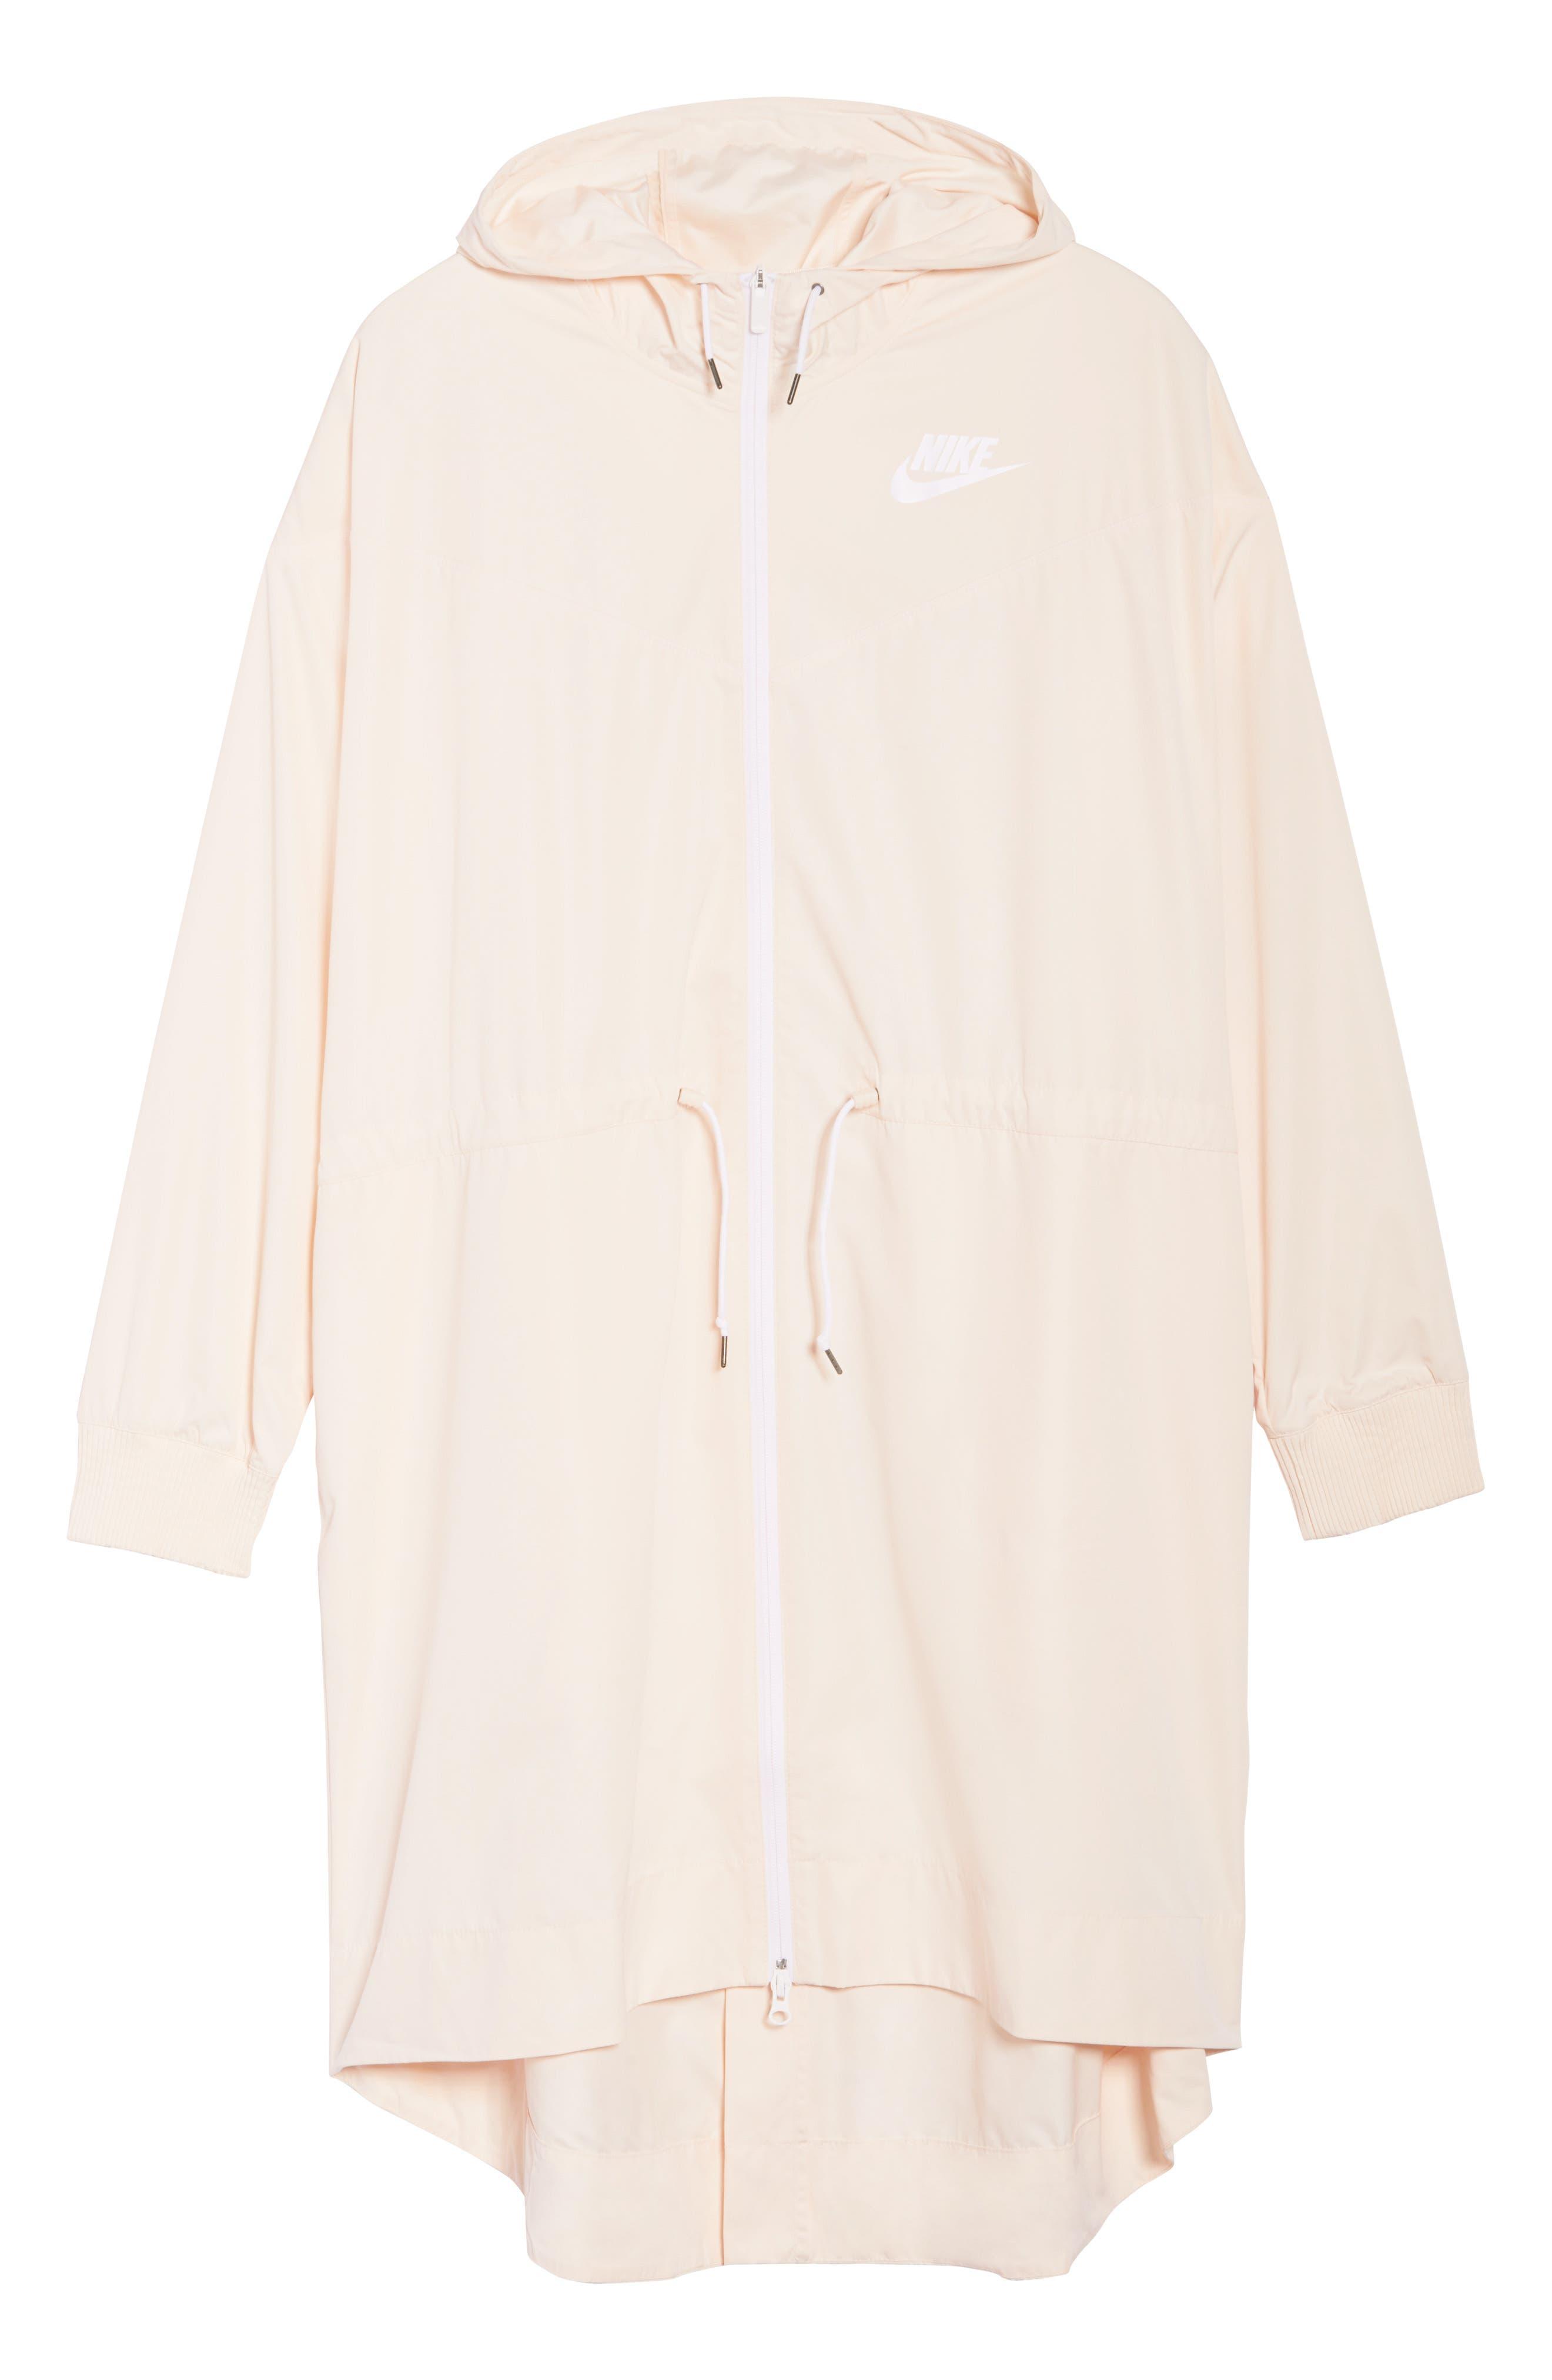 Sportswear Windrunner Jacket,                             Alternate thumbnail 13, color,                             650